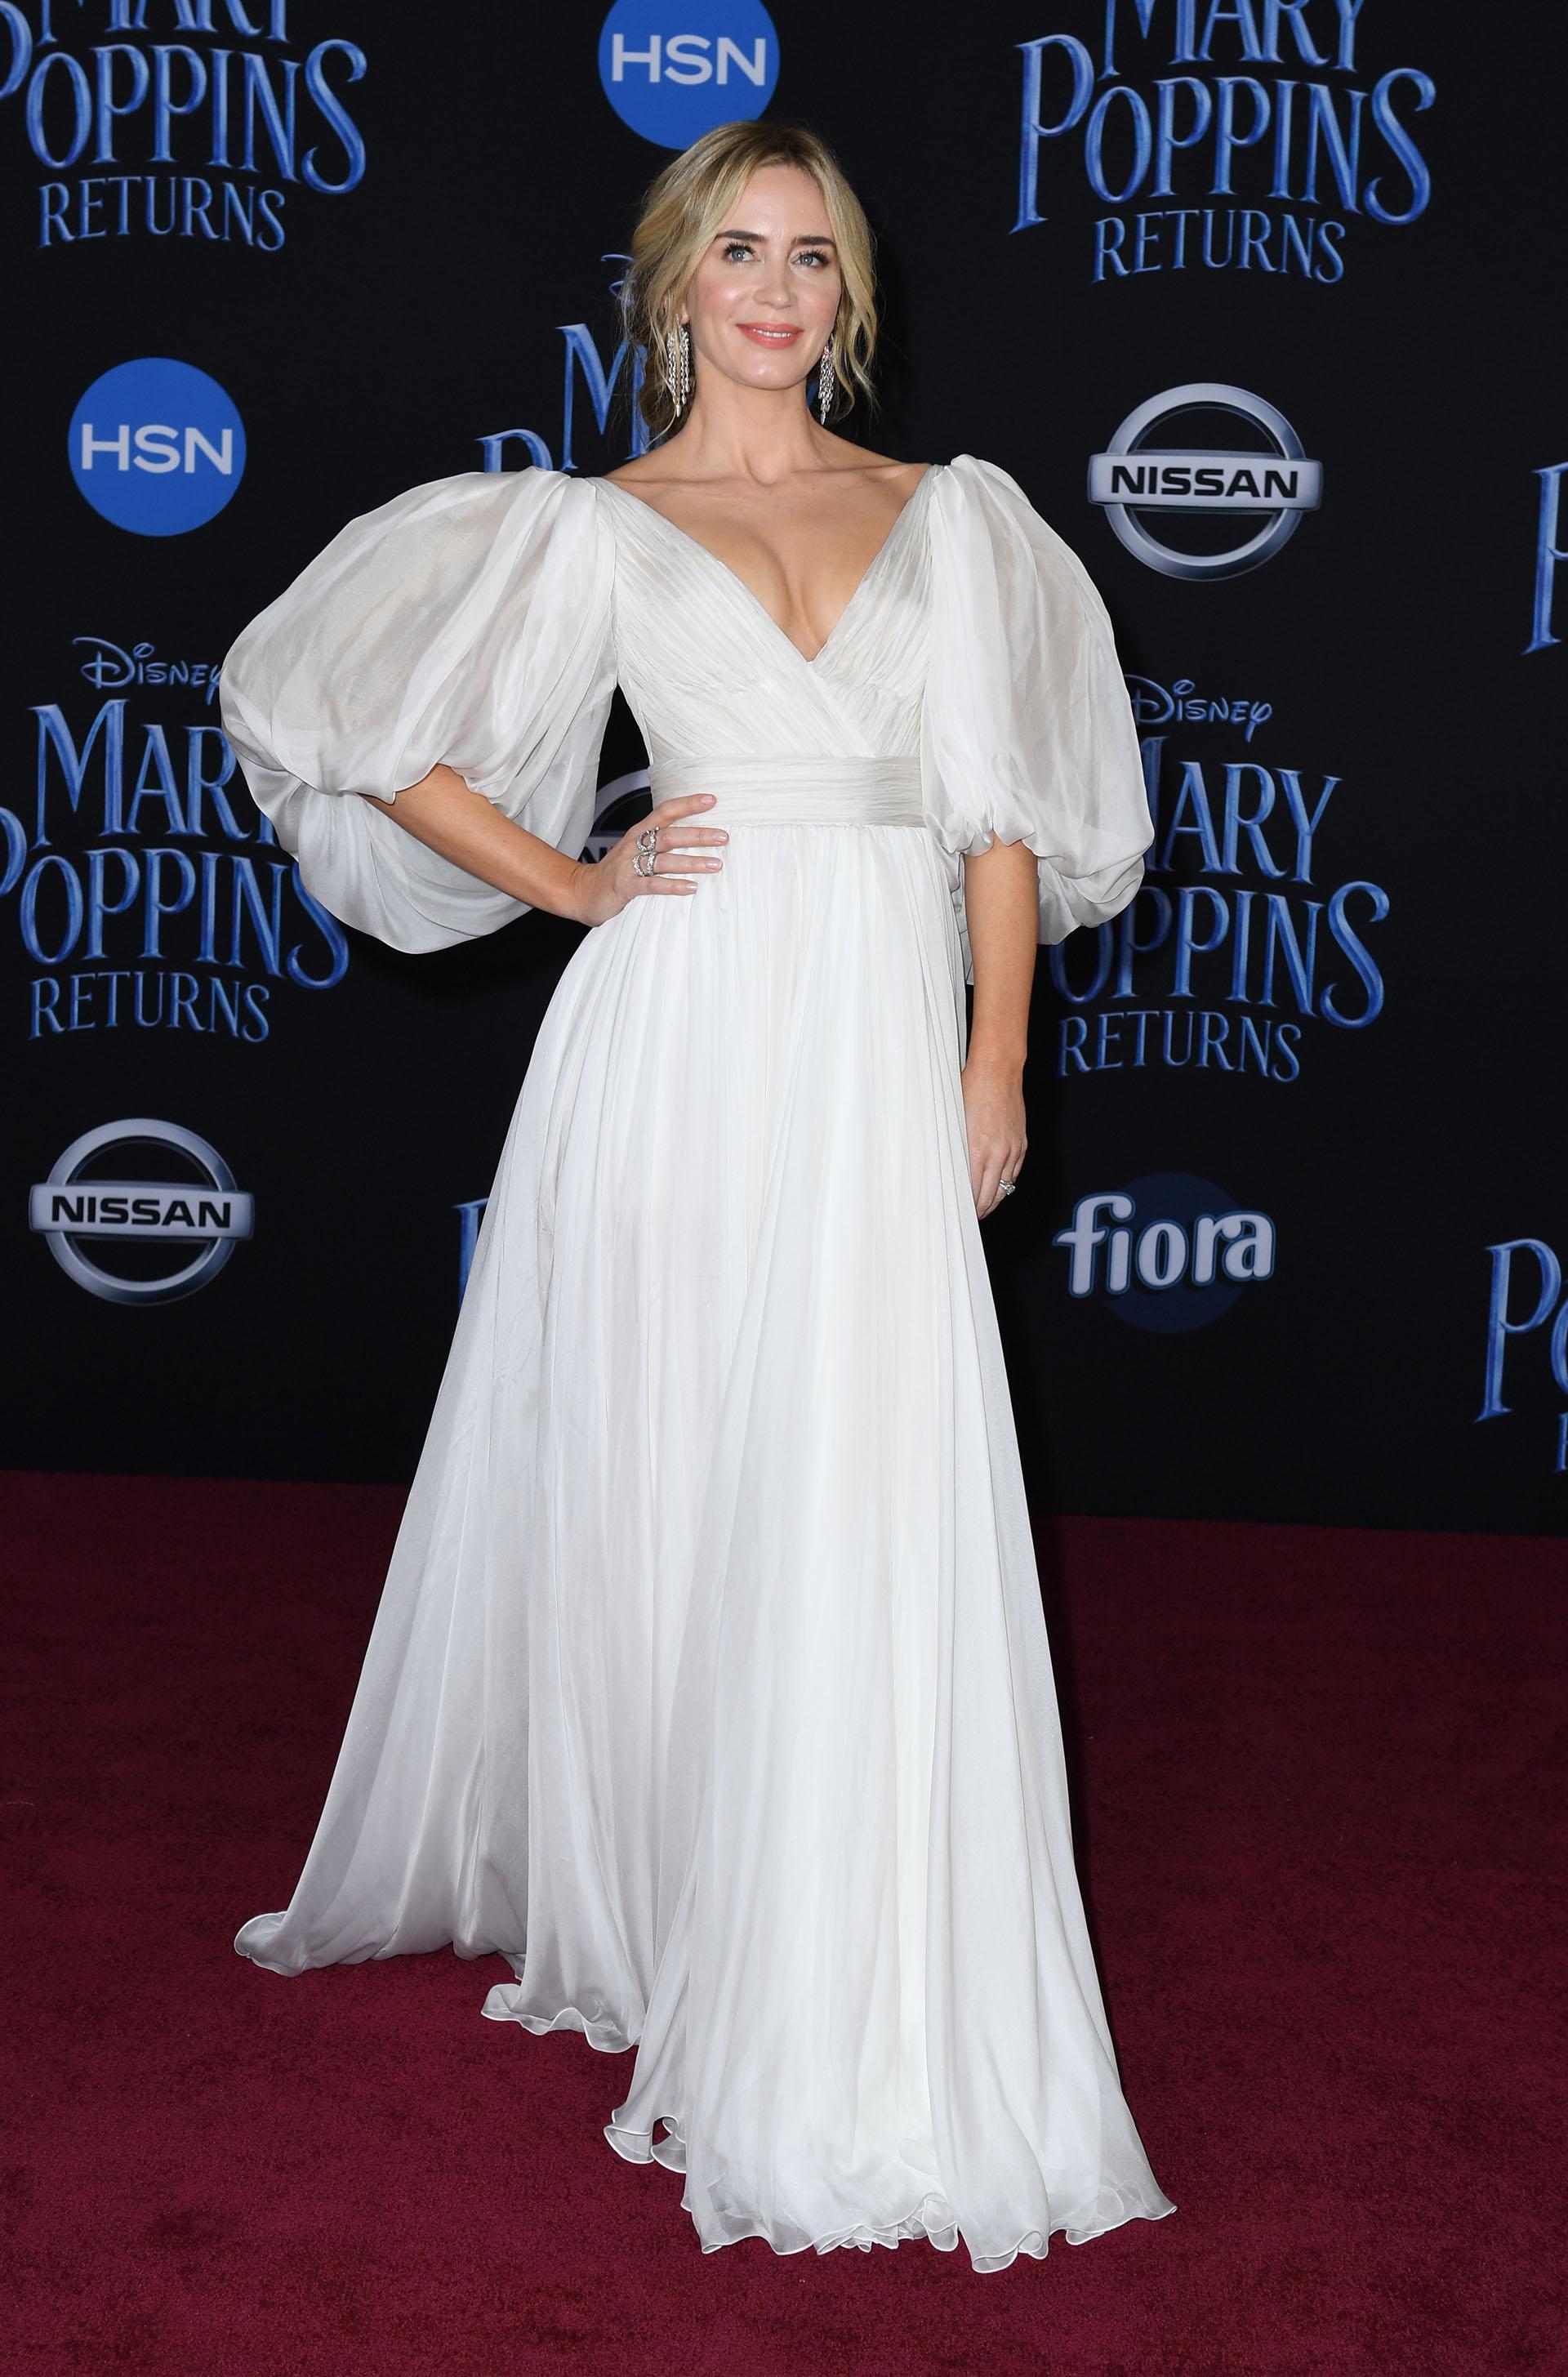 """La gran protagonista de """"El regreso de Mary Poppins"""": Emily Blunt lució fabulosa en un vestido blanco de gala, a su llegada a la red carpet"""